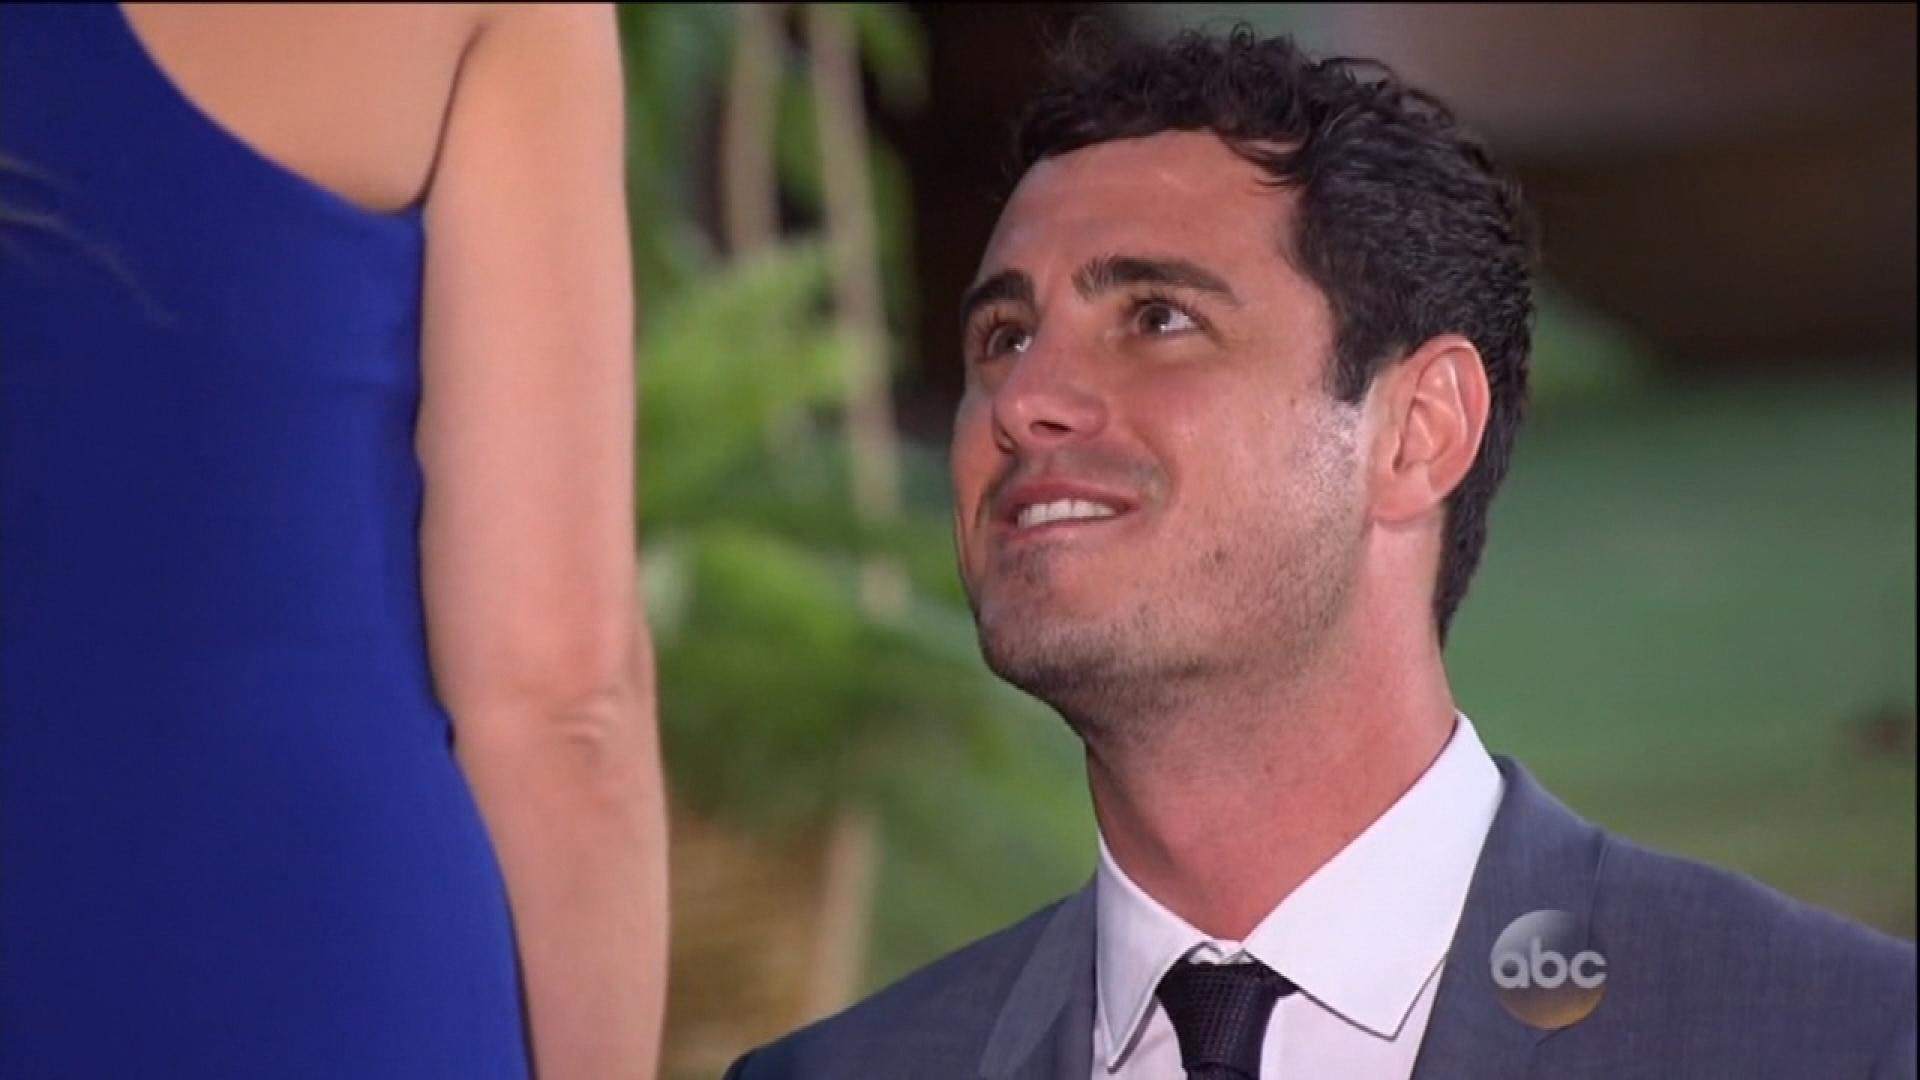 'Bachelor' Ben Higgins Is Engaged